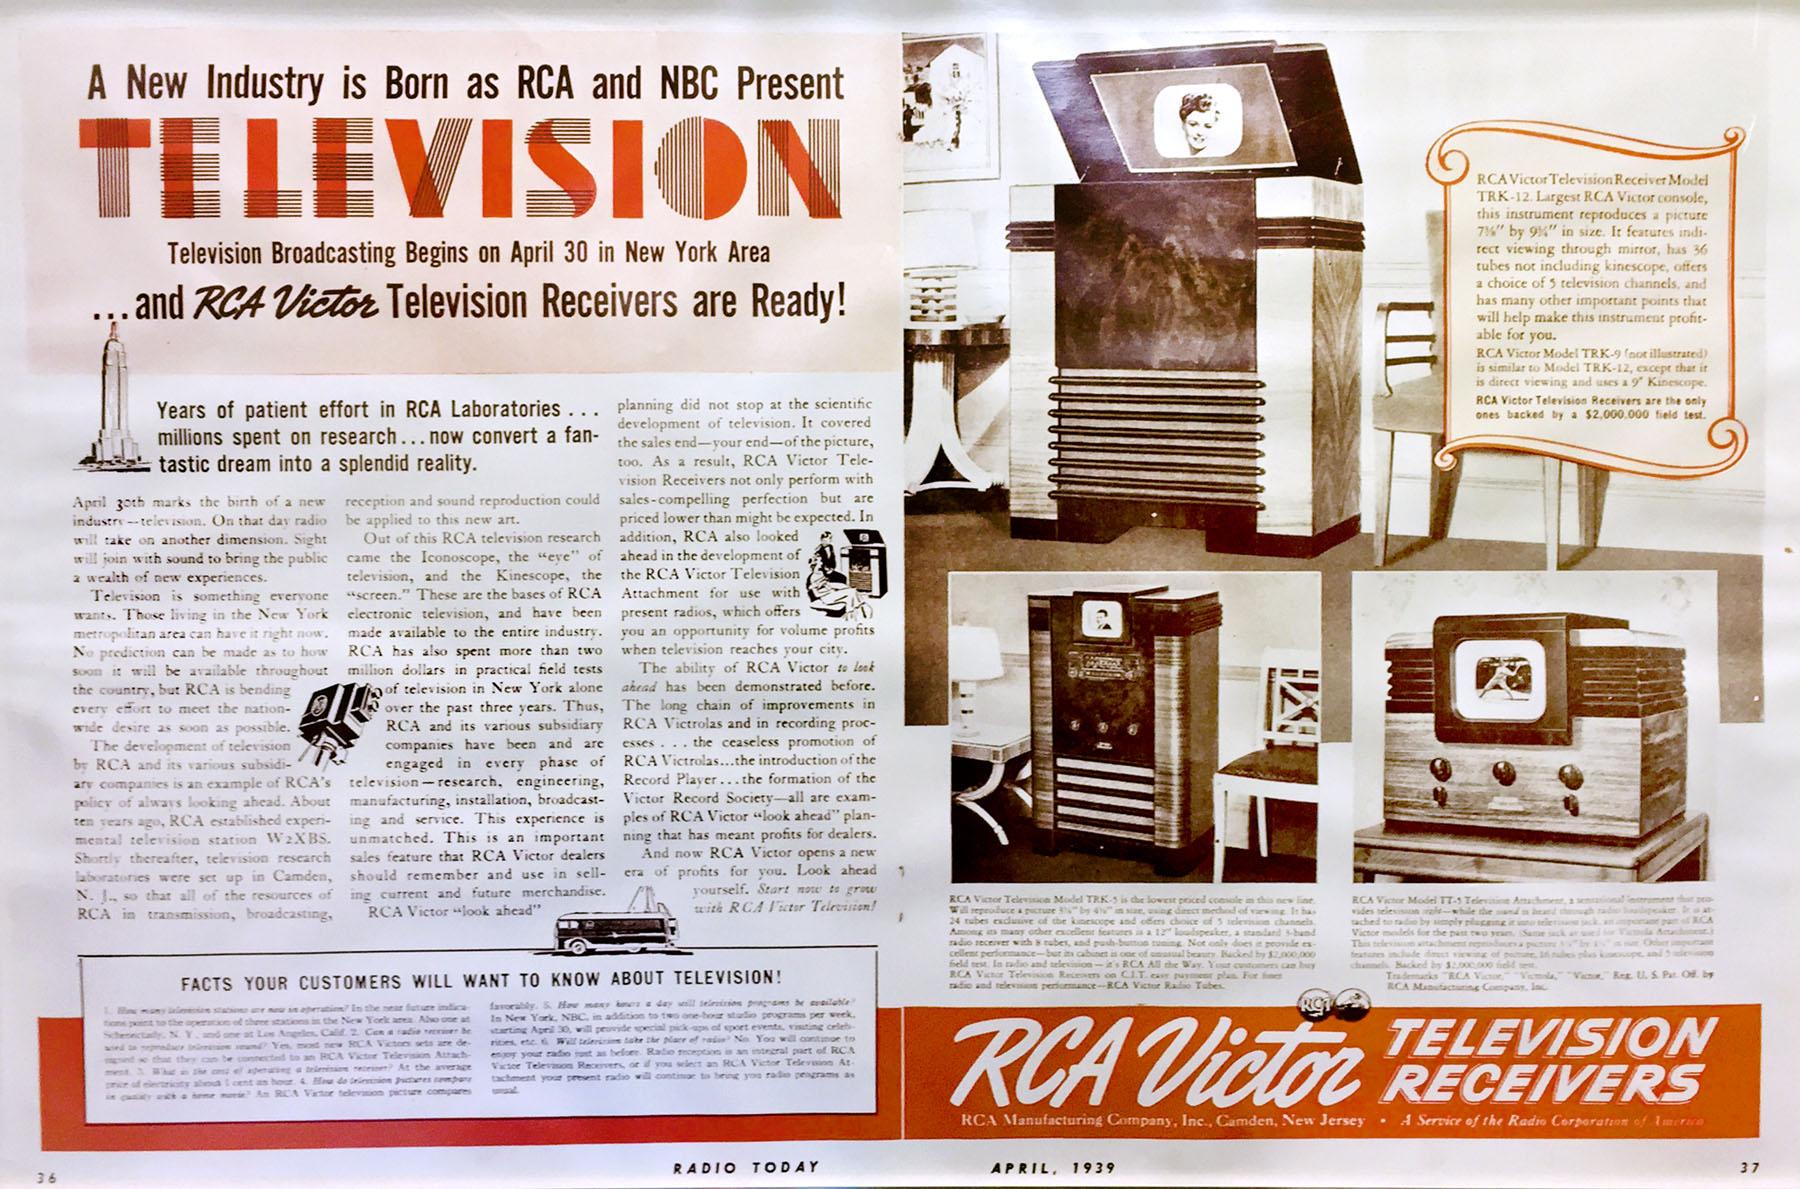 Television Receiver Sales